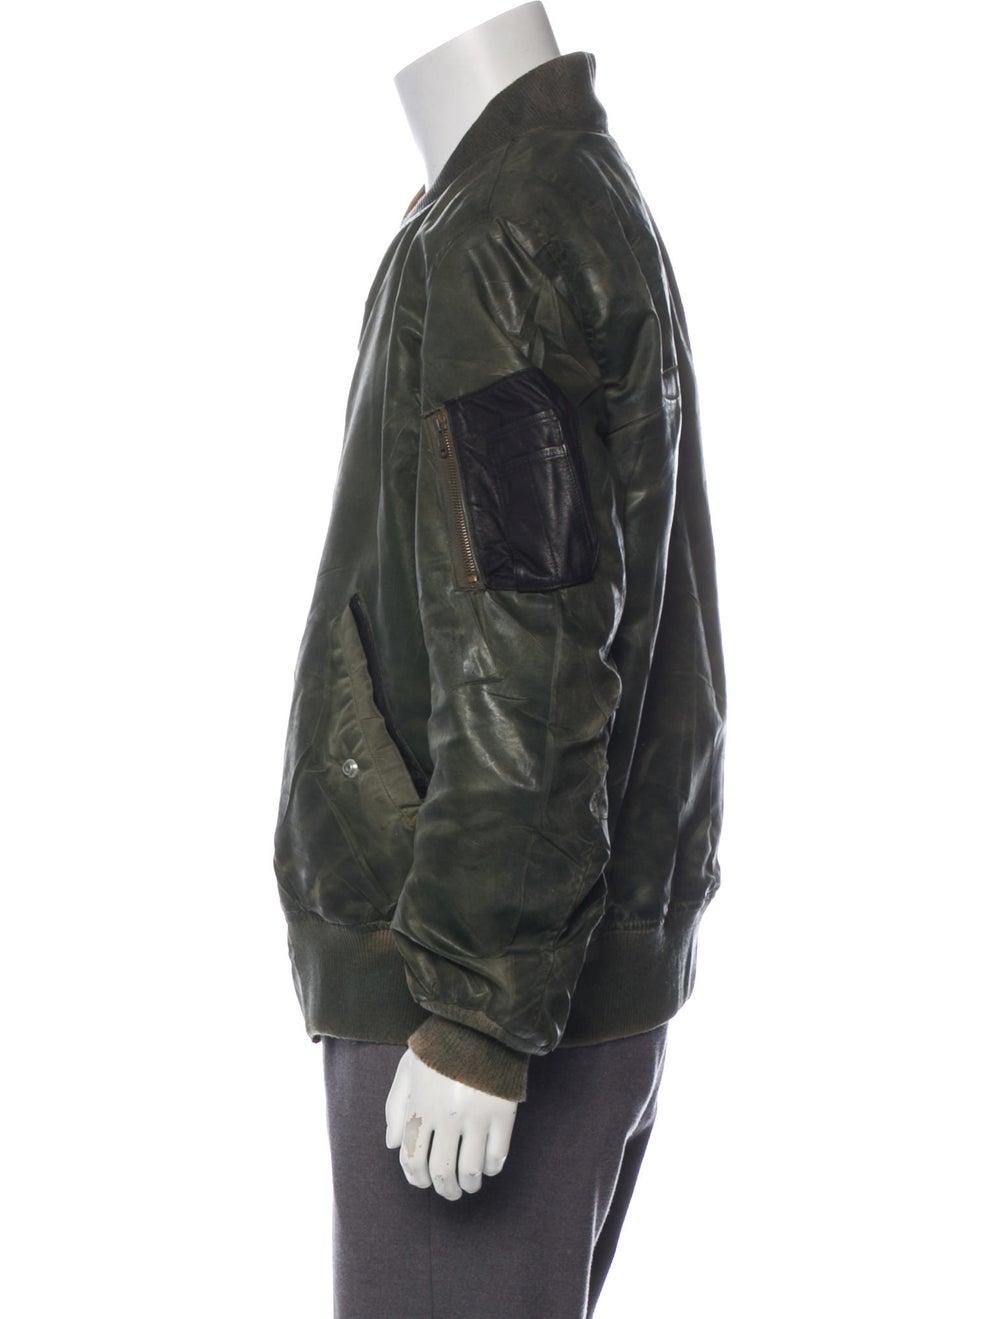 Antonio Barragan Wax Bomber Jacket green - image 2